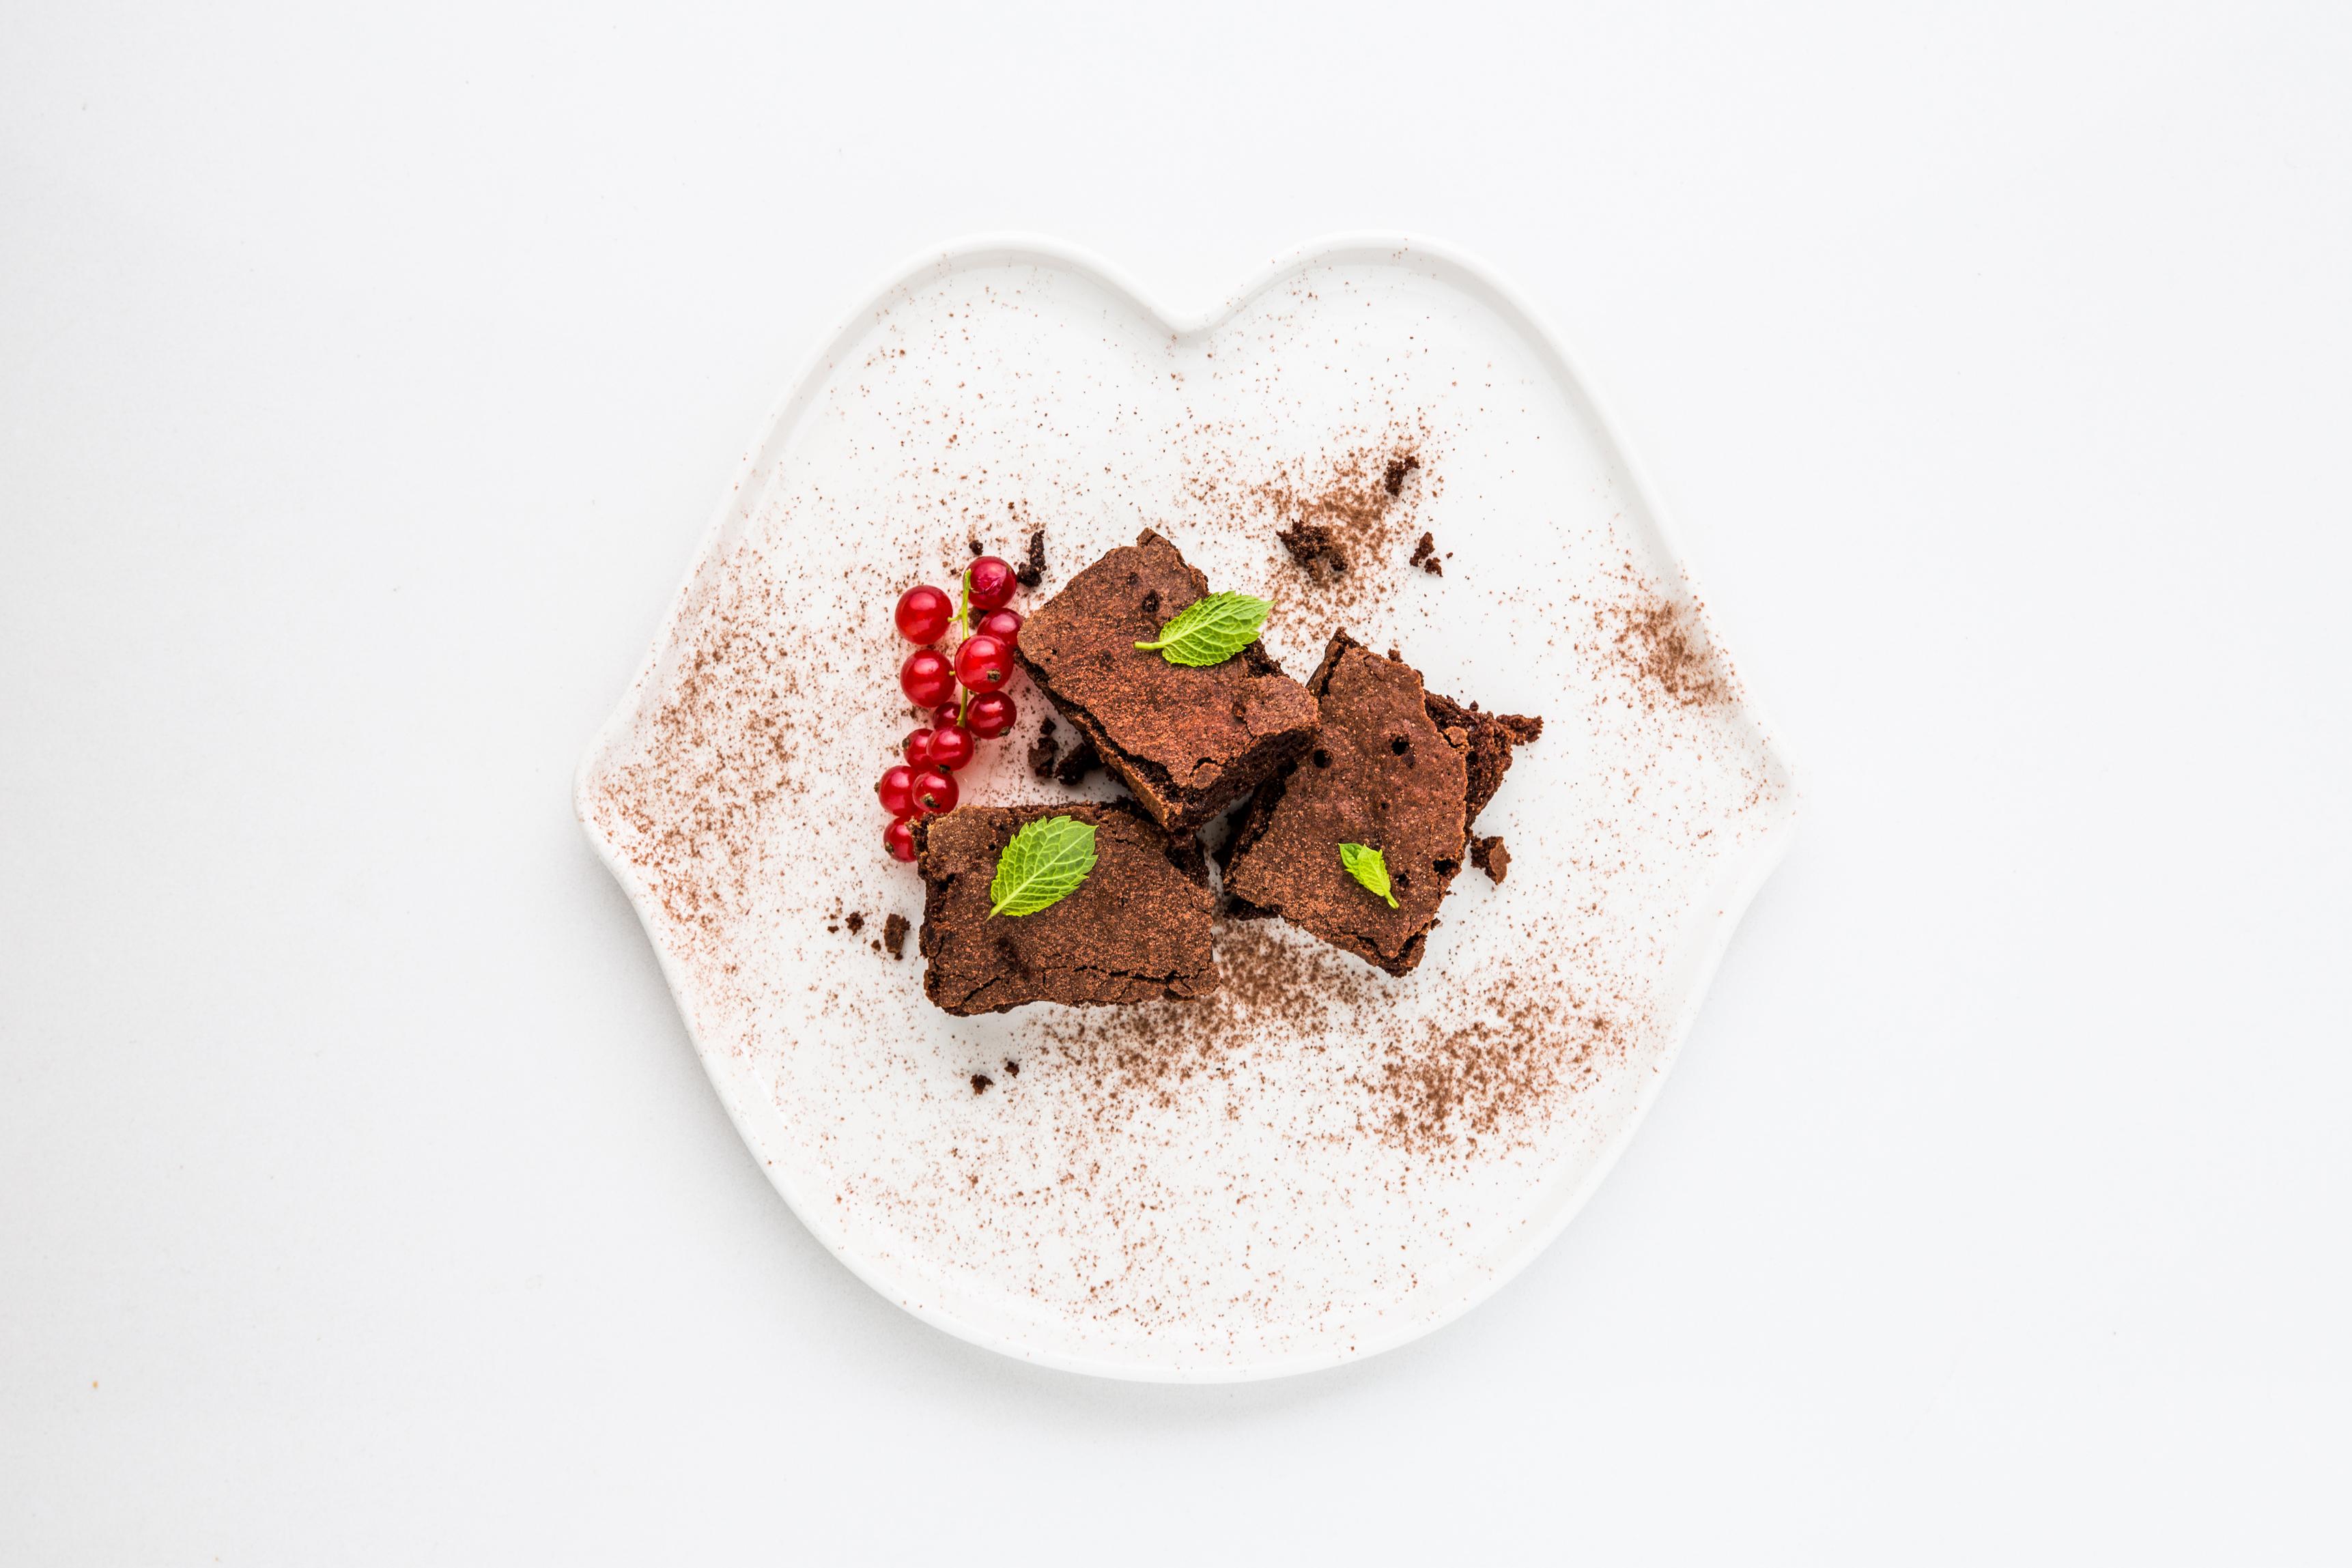 Cioccolatina 75% di cioccolato extra fondente